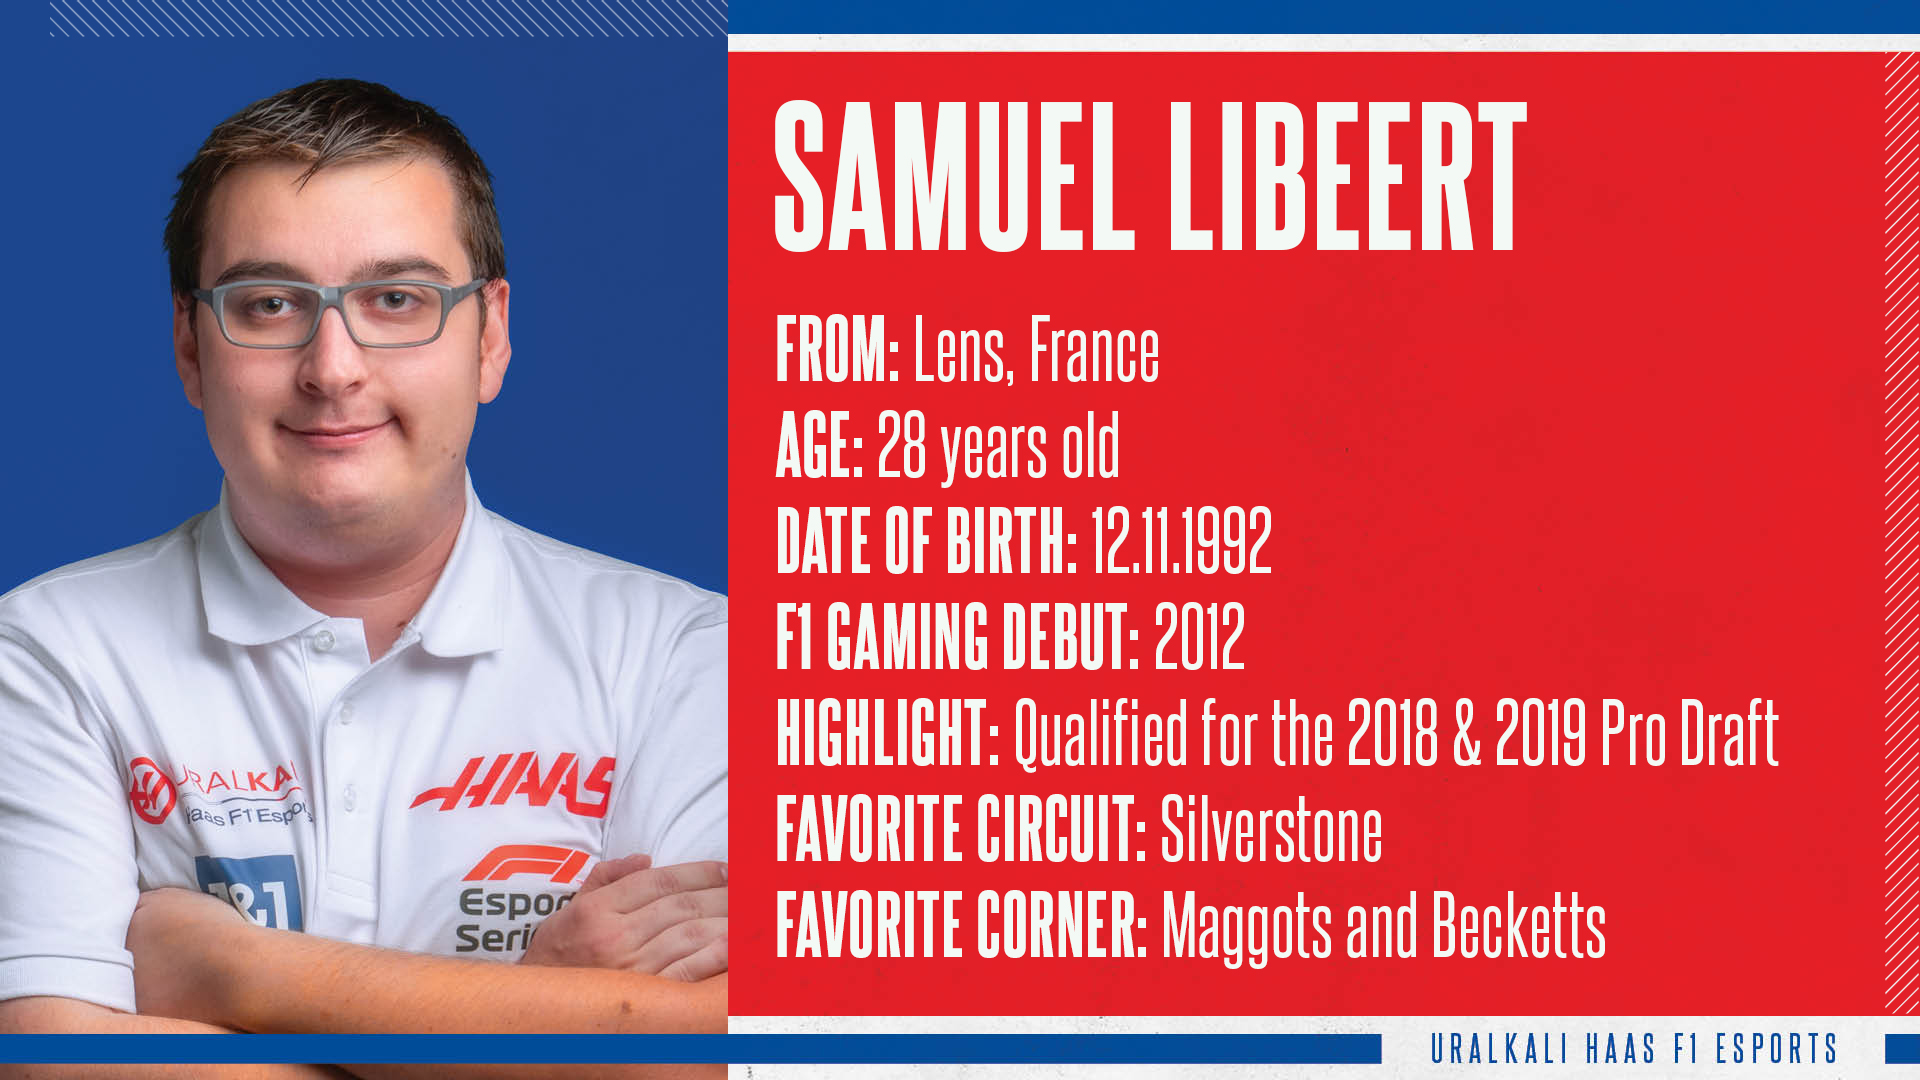 Samuel Libeert